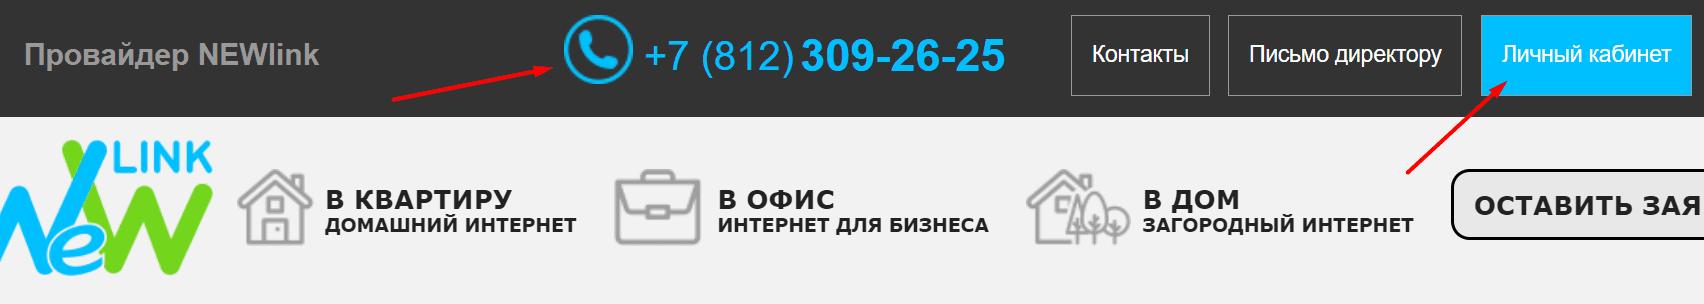 Официальный сайт интернет-провайдера NEWlink